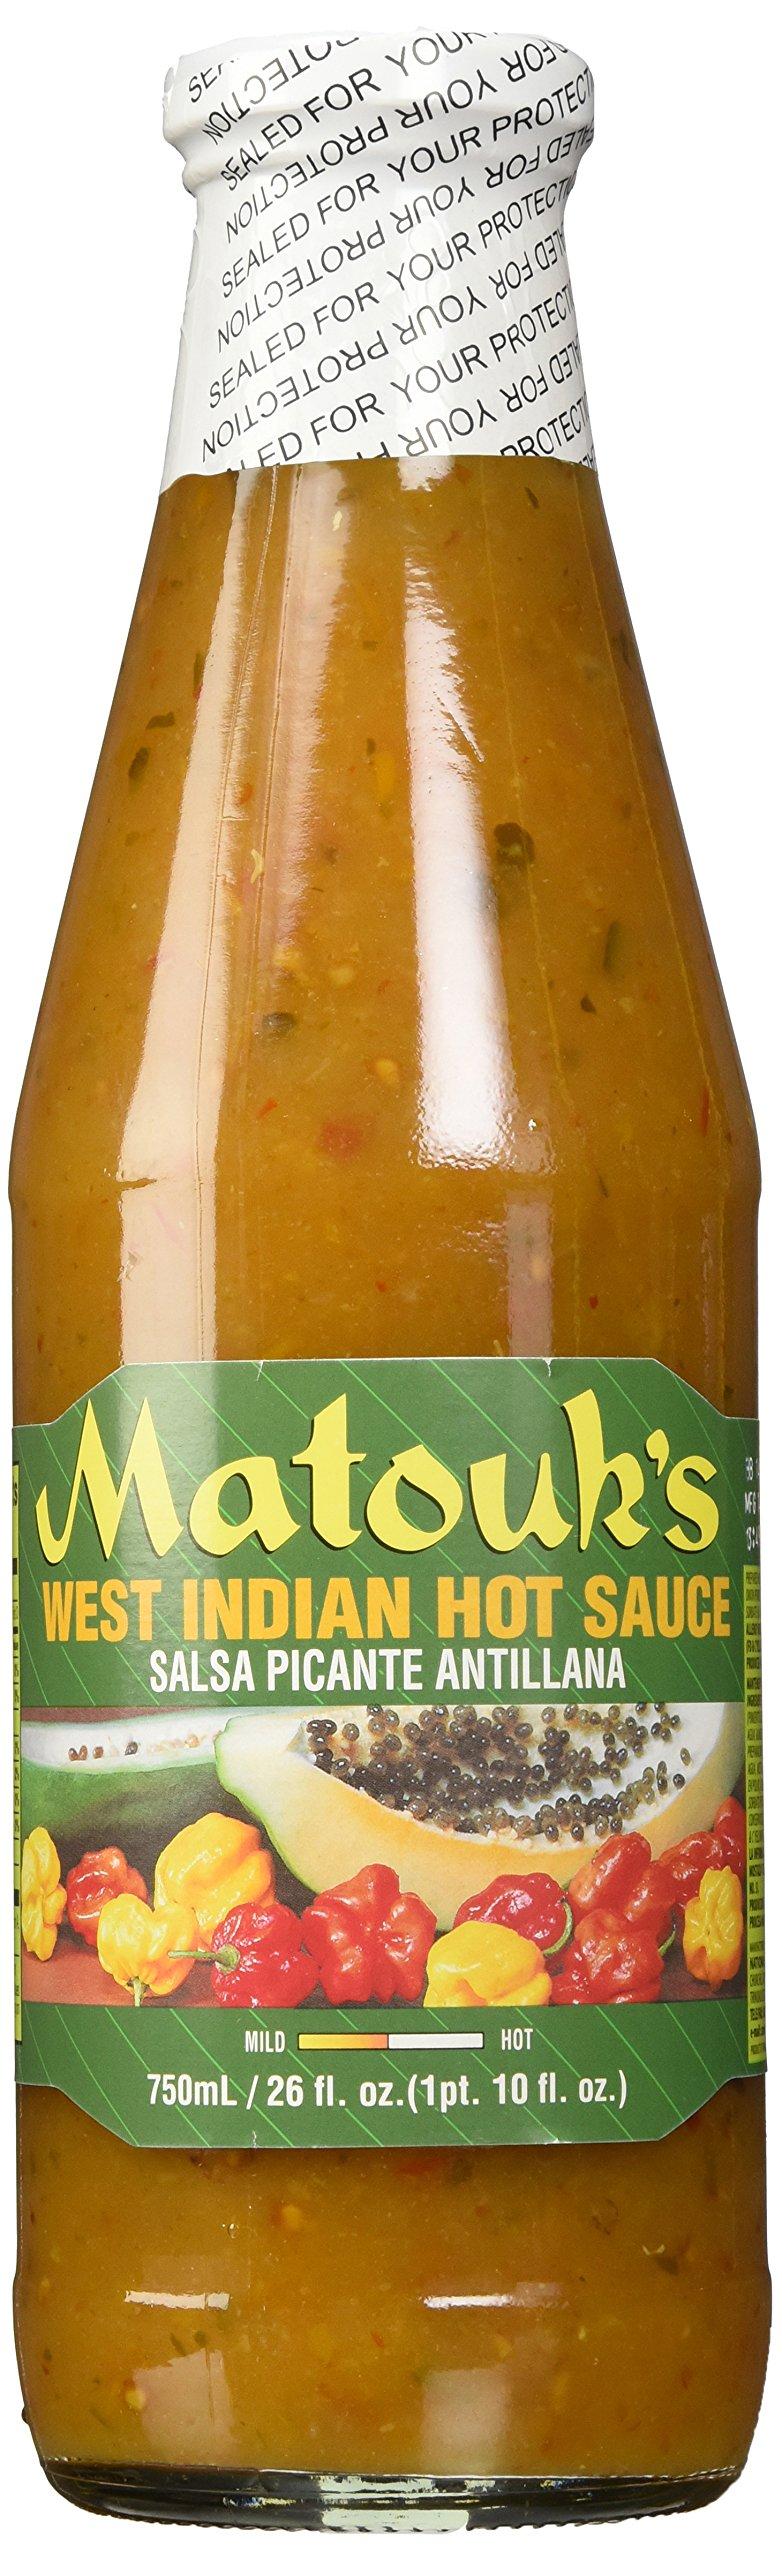 Matouk's West Indian Hot Sauce, 26 Ounce